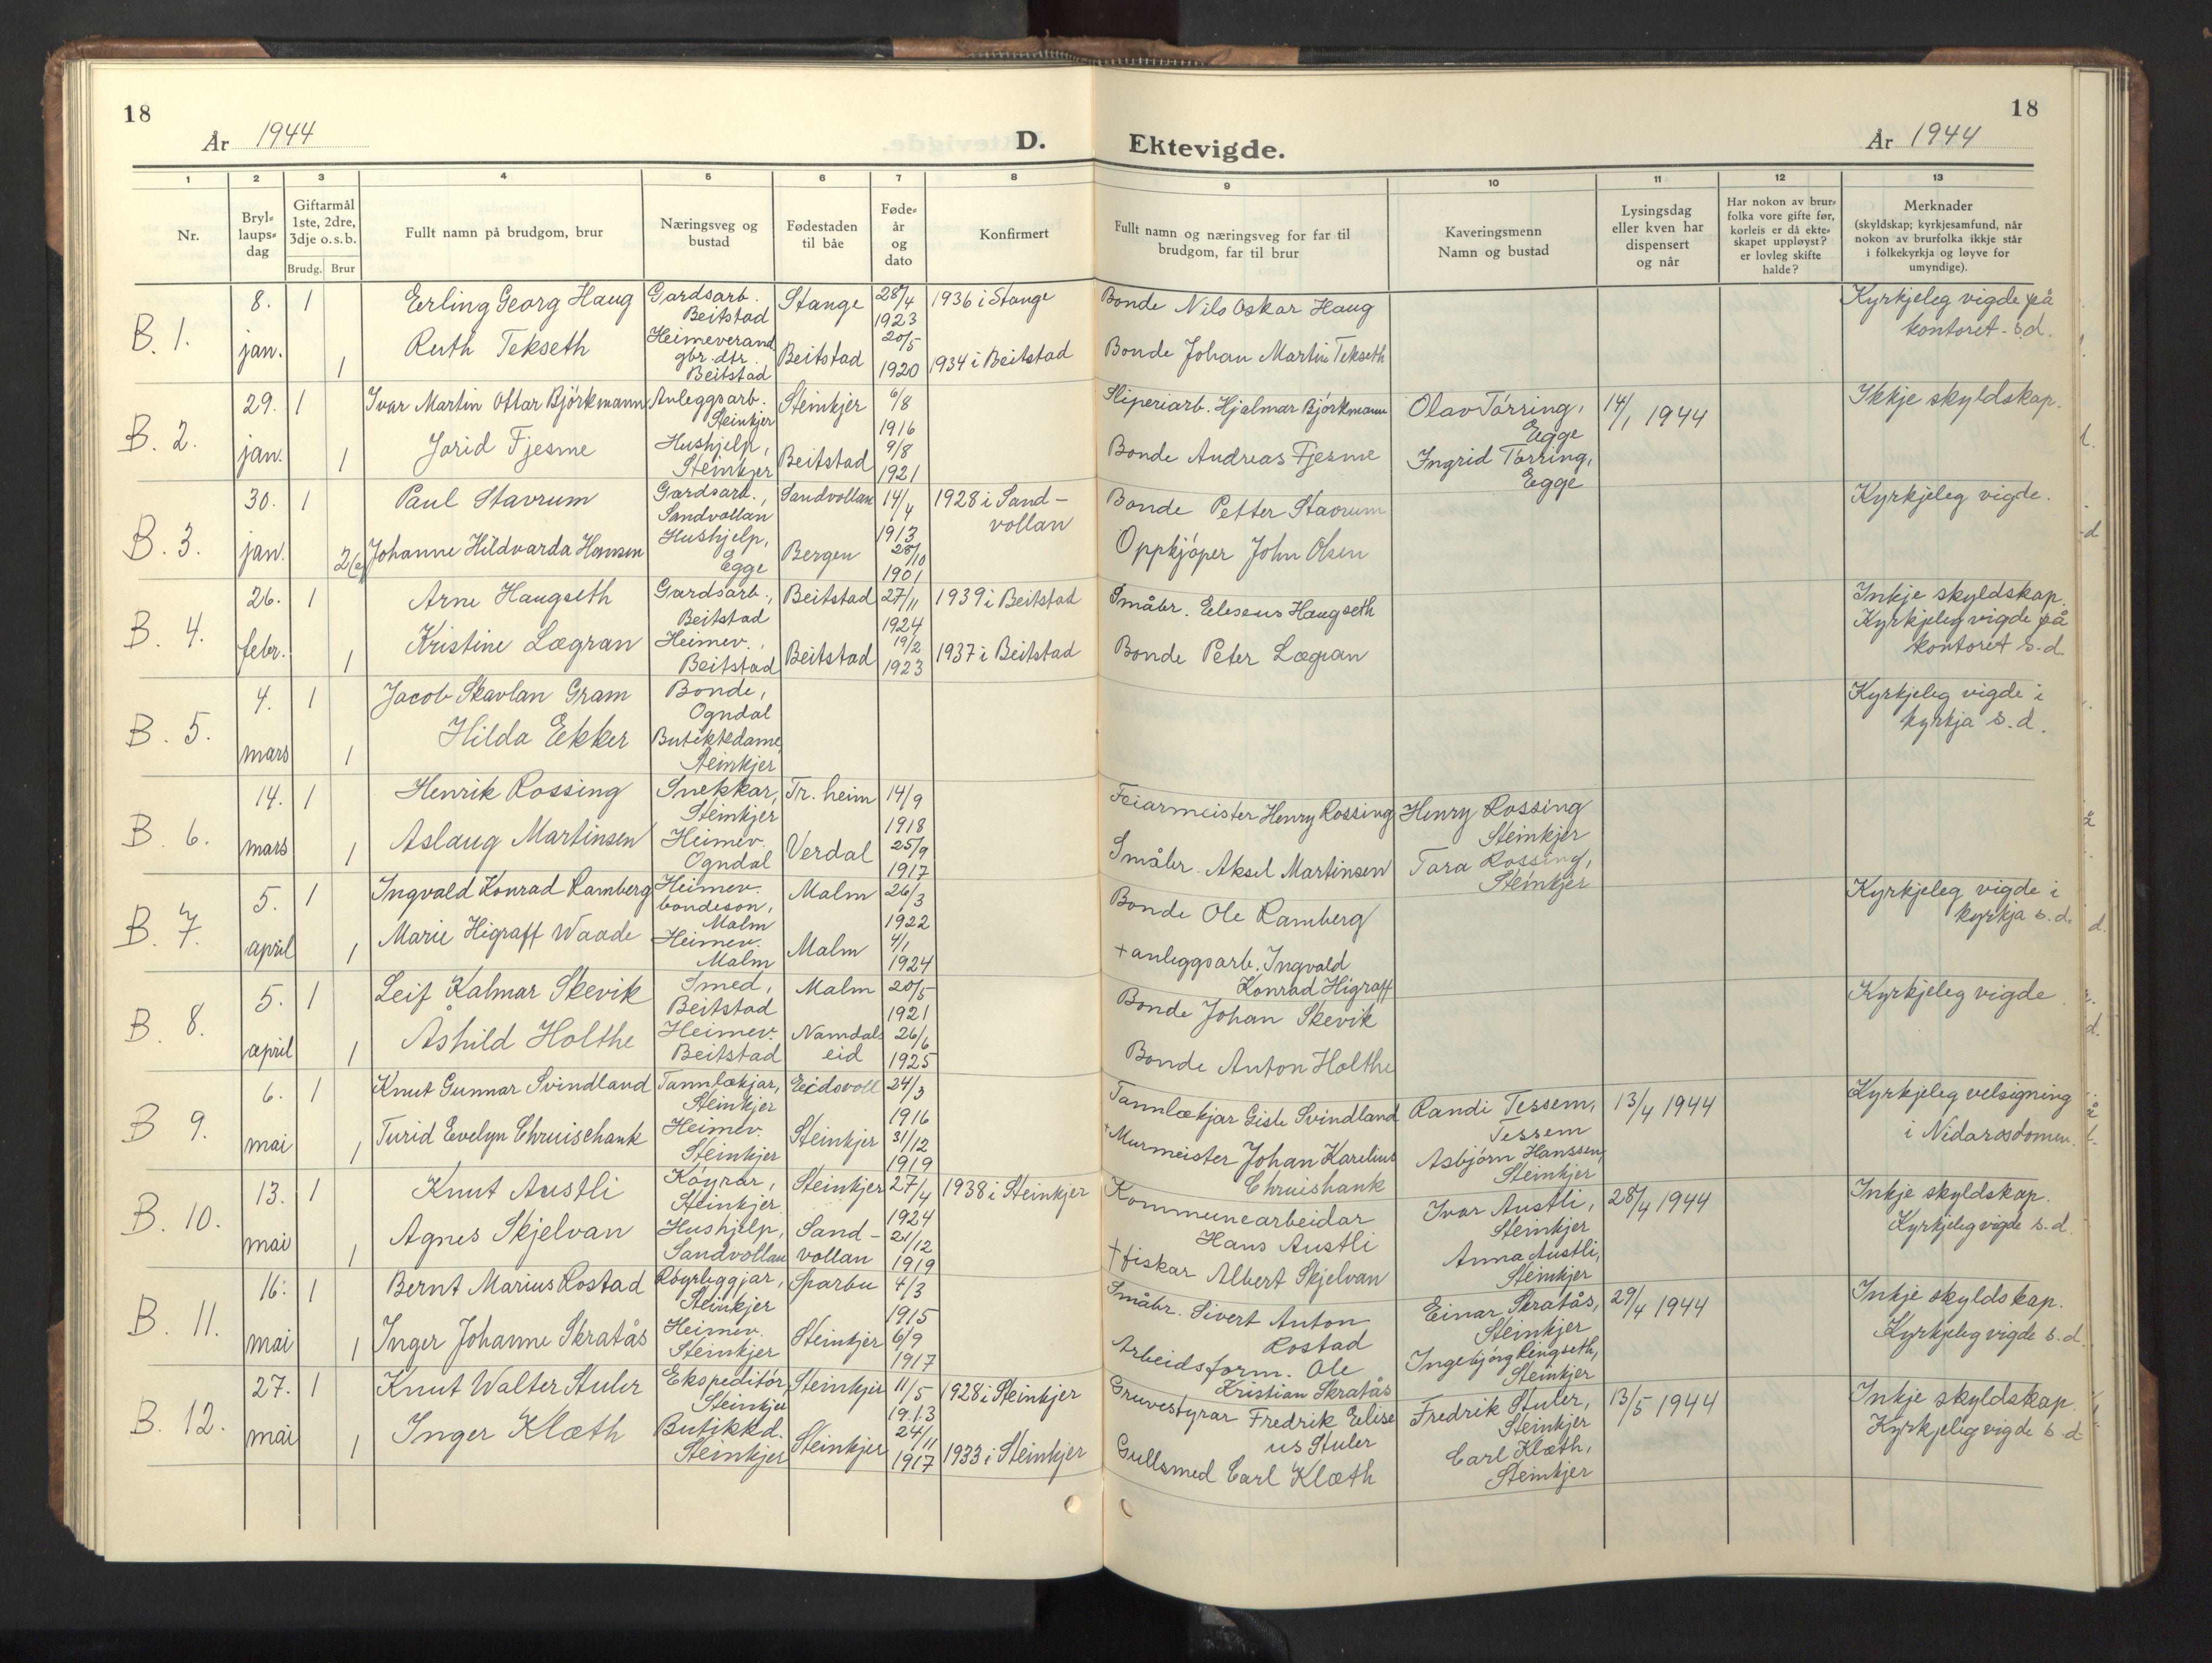 SAT, Ministerialprotokoller, klokkerbøker og fødselsregistre - Nord-Trøndelag, 739/L0377: Klokkerbok nr. 739C05, 1940-1947, s. 18